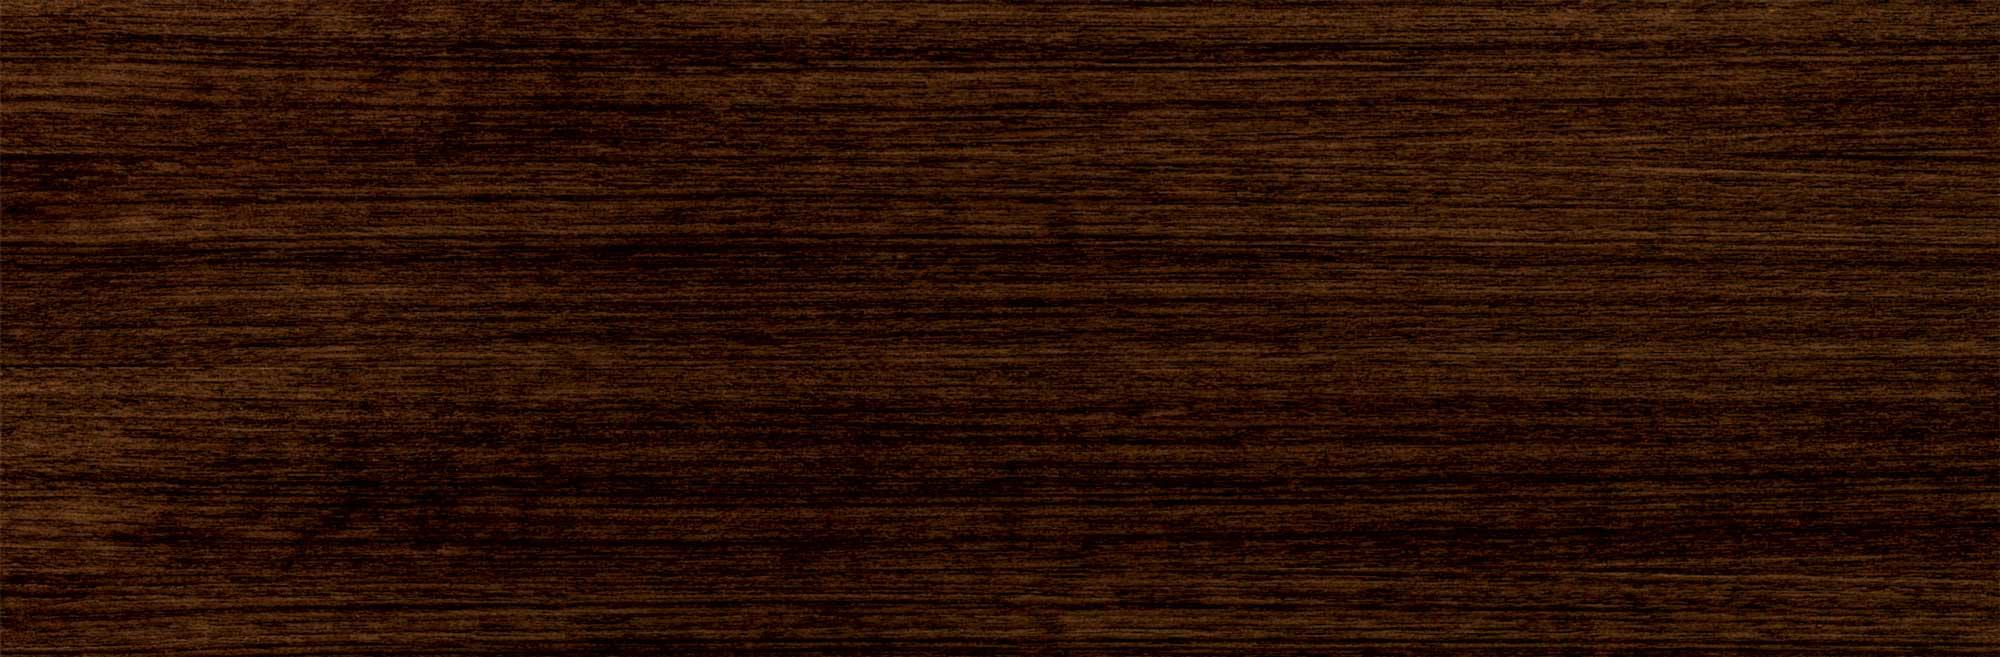 wood-hi-res-dark2000x657